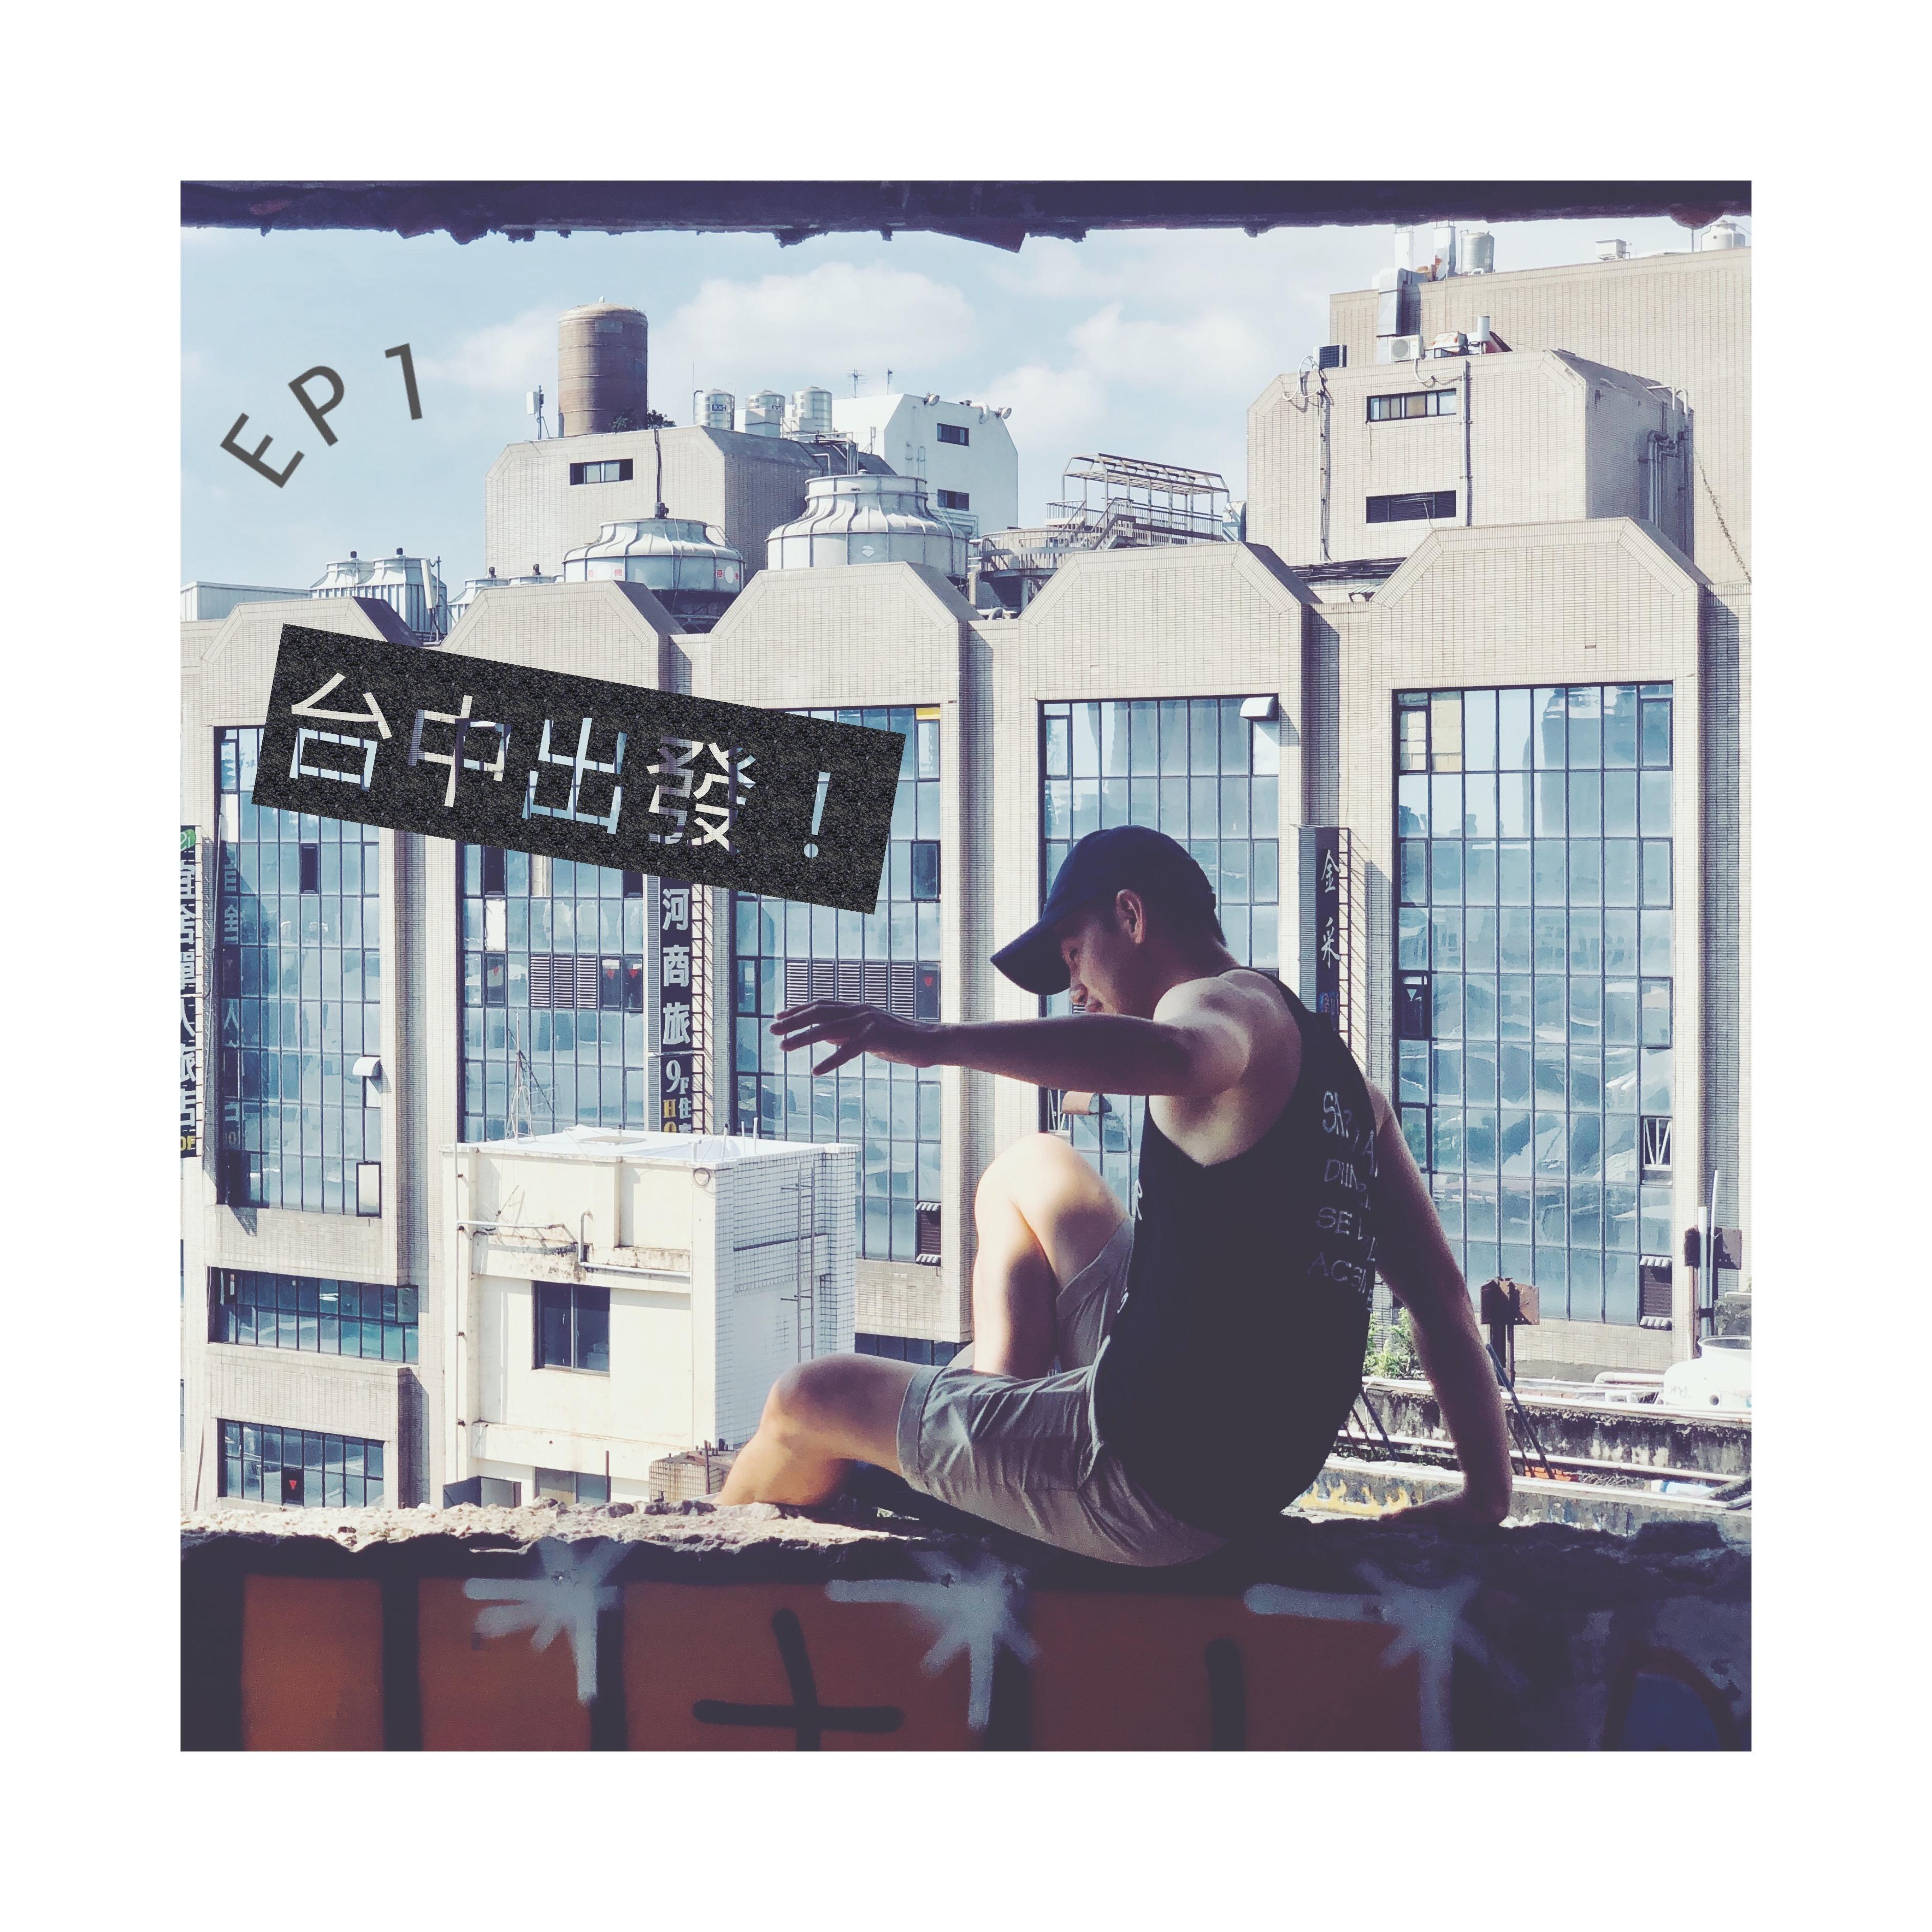 EP1 台灣:第一集,台中出發